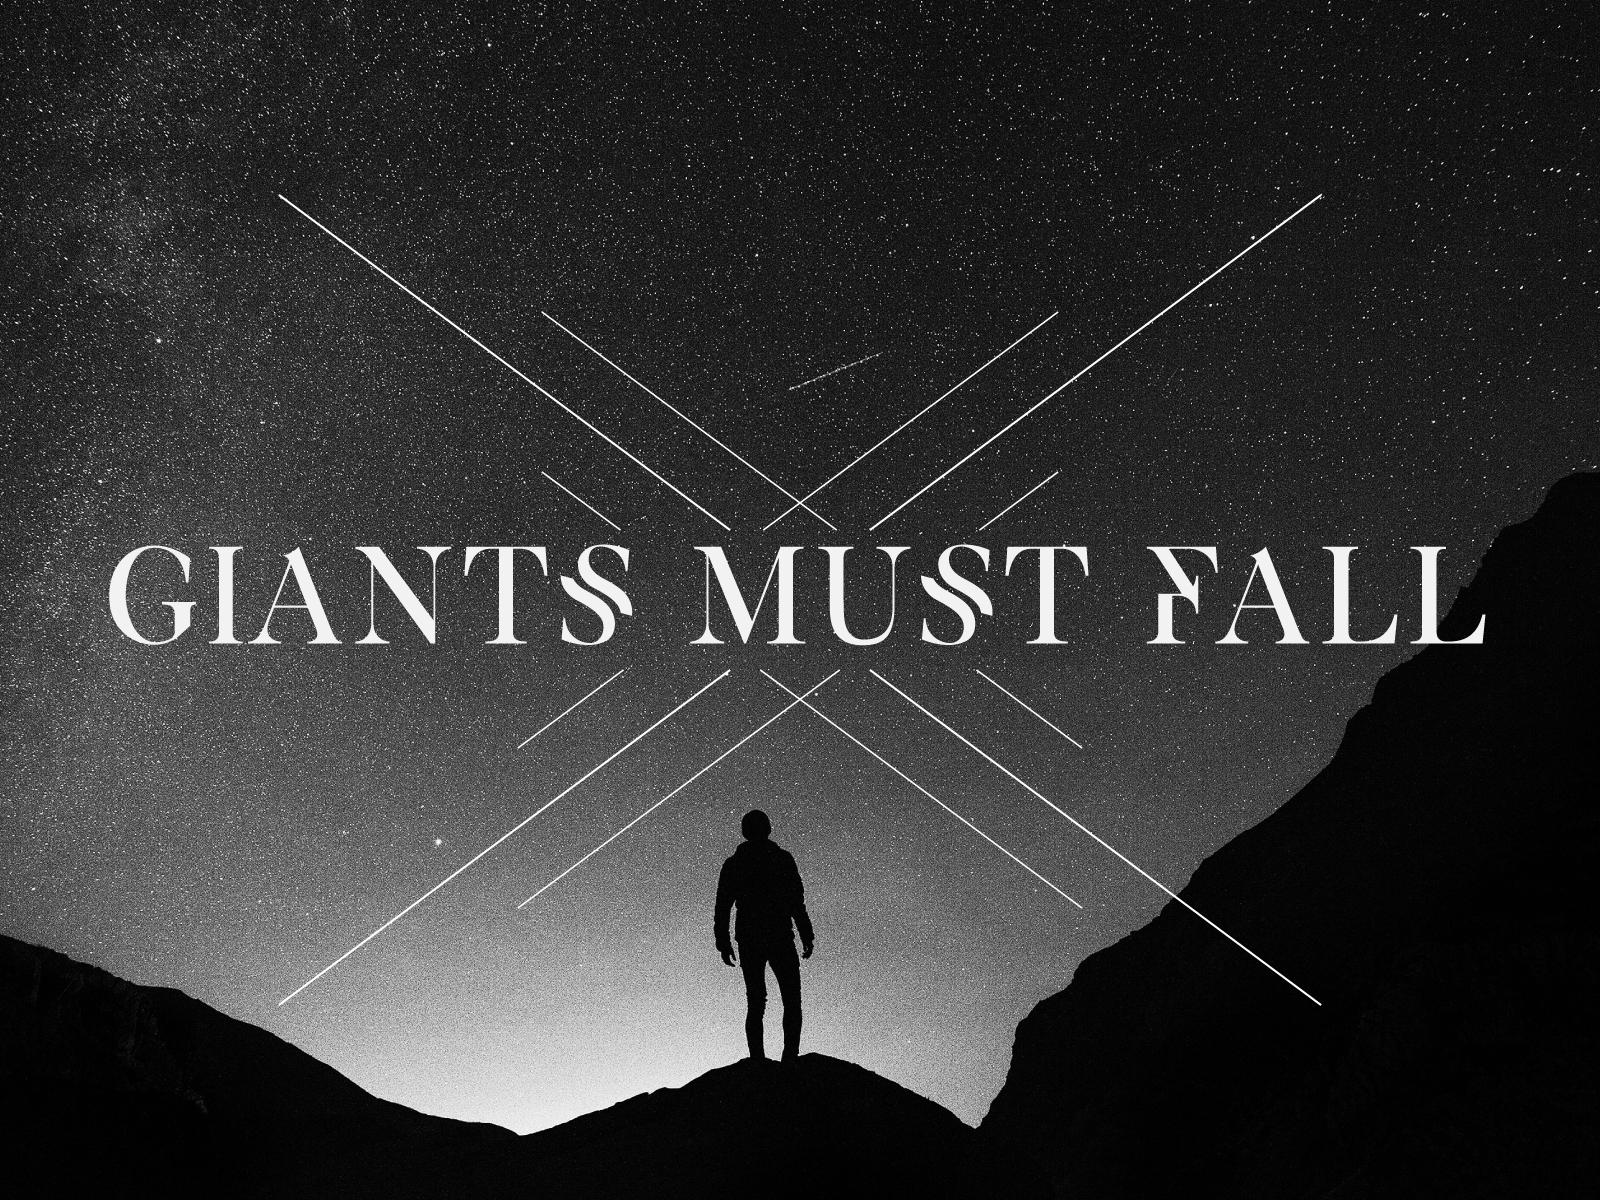 Giants-Must-Fall.jpg